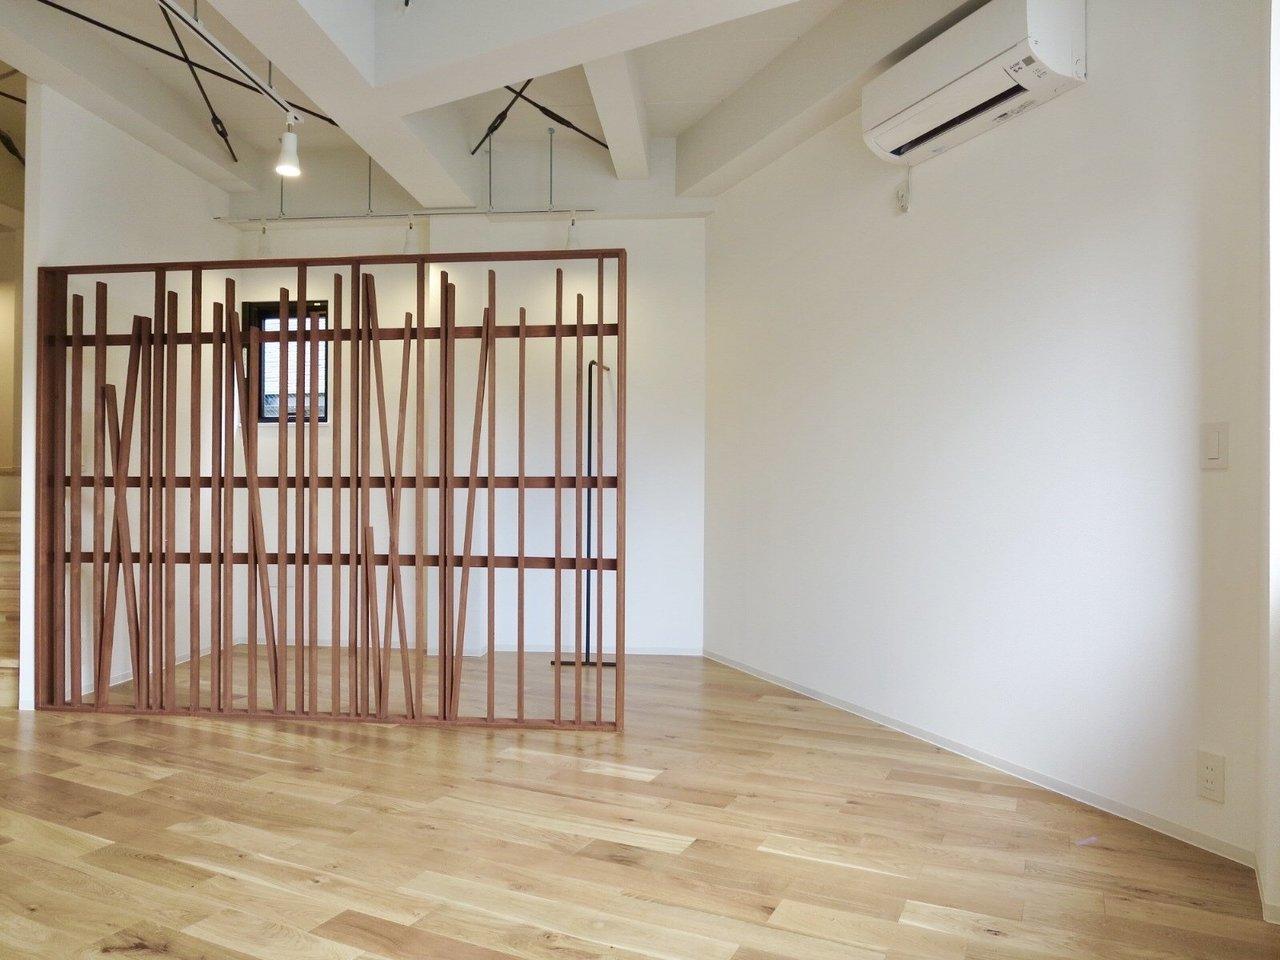 部屋の仕切りになっているデザイン性の棚の奥は、オープンクローゼットに。洋服がたくさんある方にはいいんじゃないかなぁ。